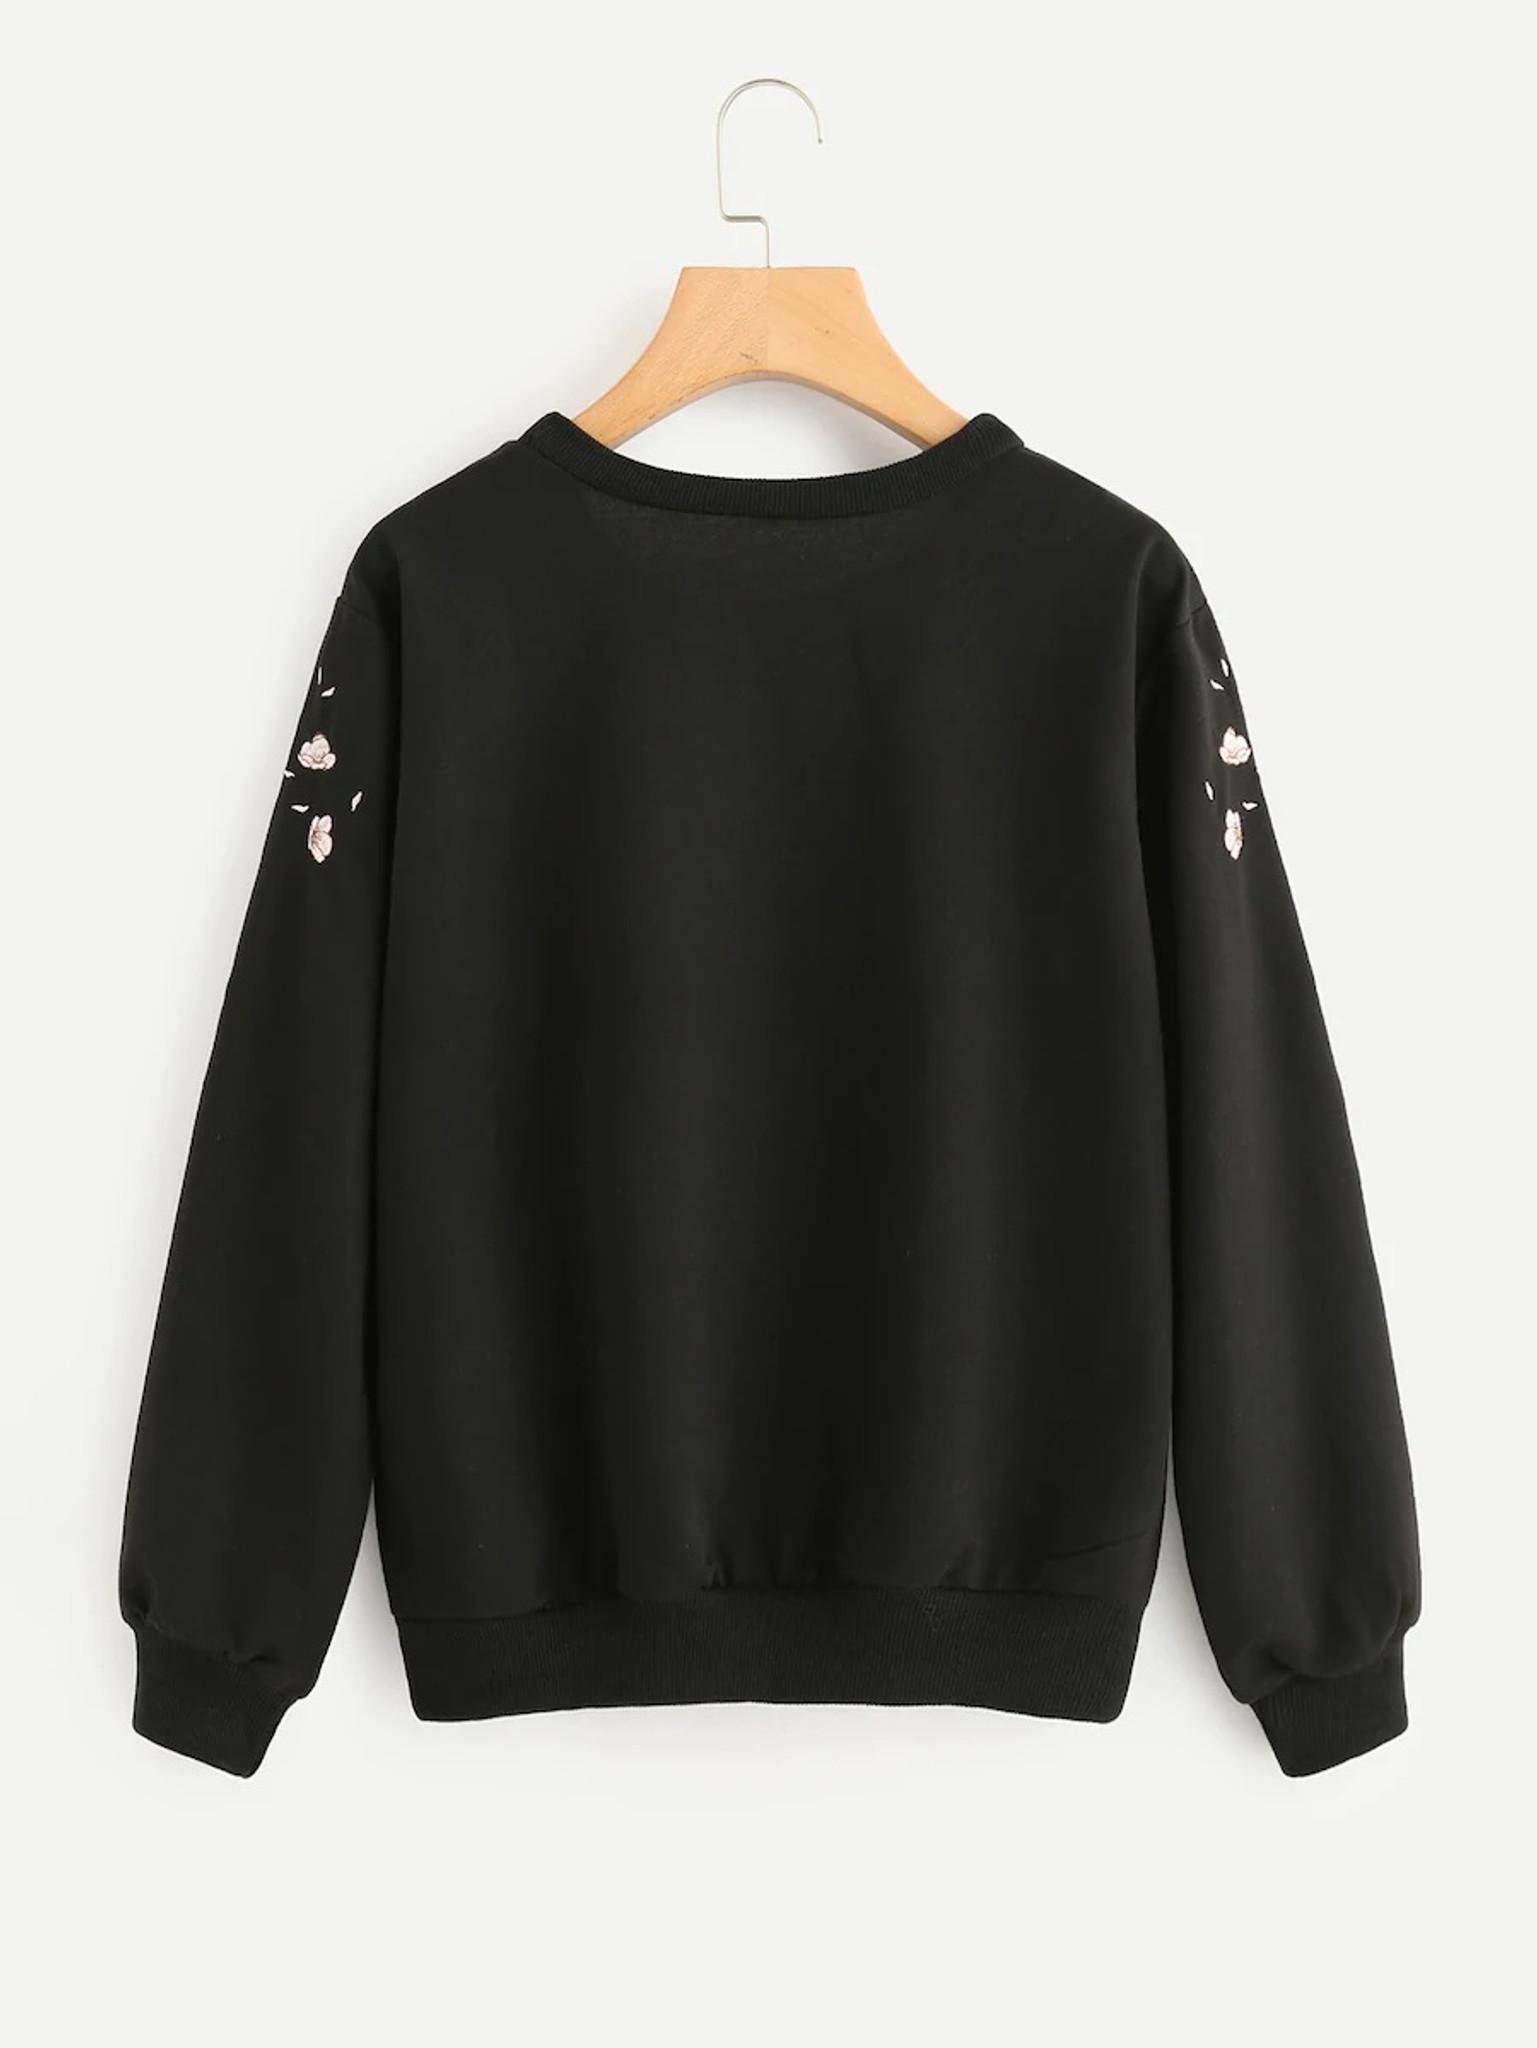 Fifth Avenue JOPJA Rose Petal Printed Sweatshirt - Black